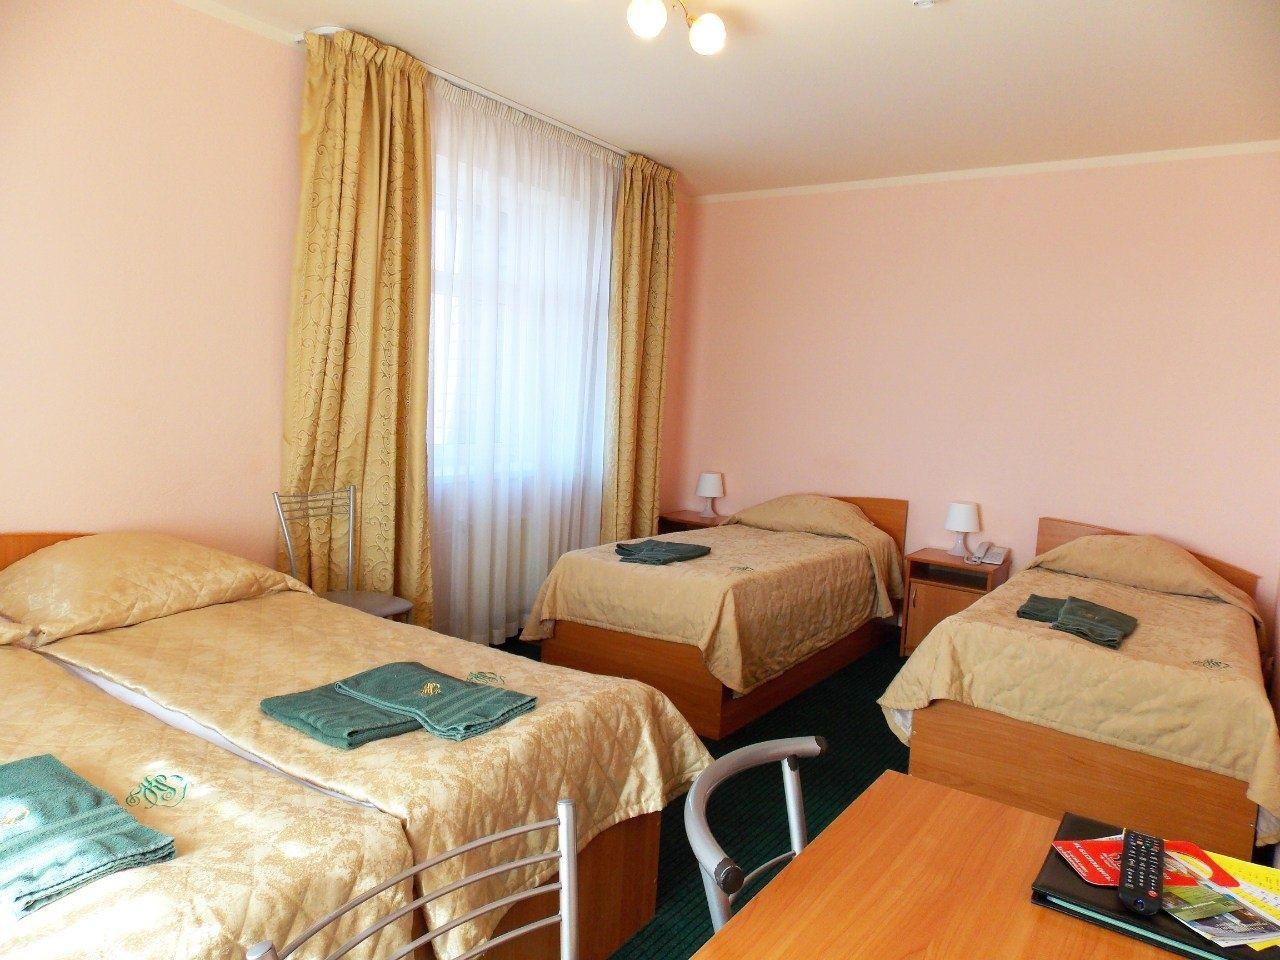 Отель «Коломяжский визит» Ленинградская область 4-местный стандарт, фото 2